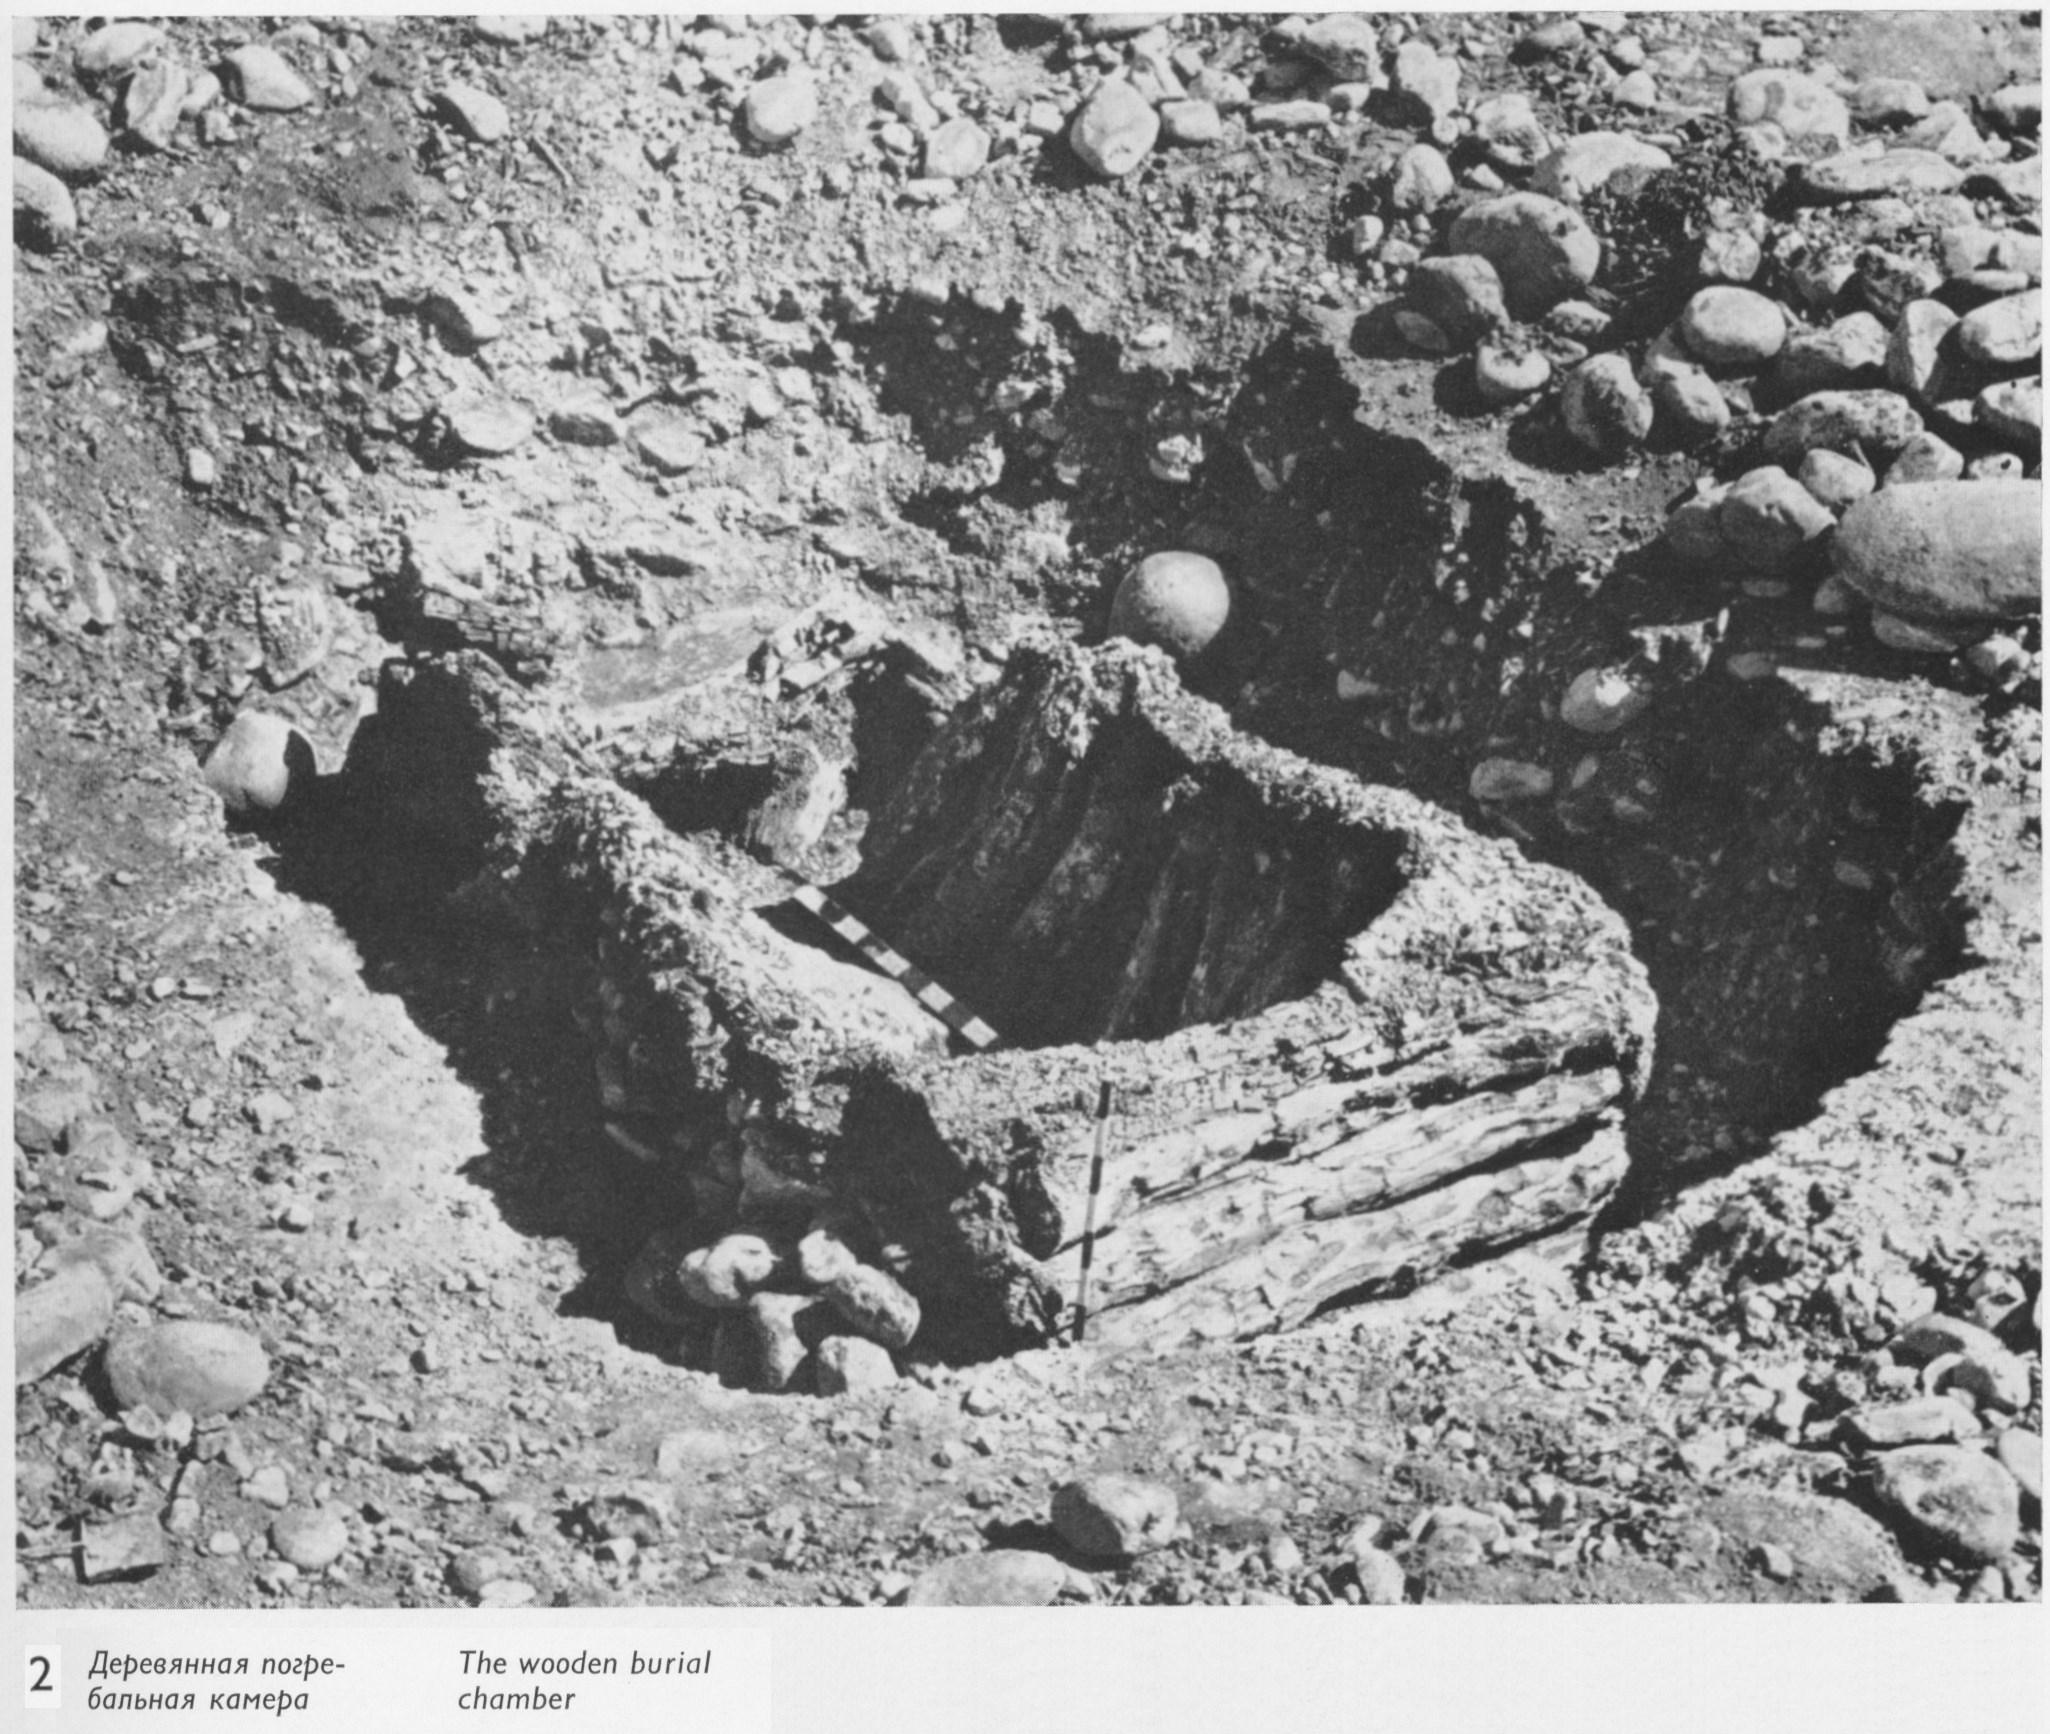 Курганный могильник иссык 10руб юб список цена